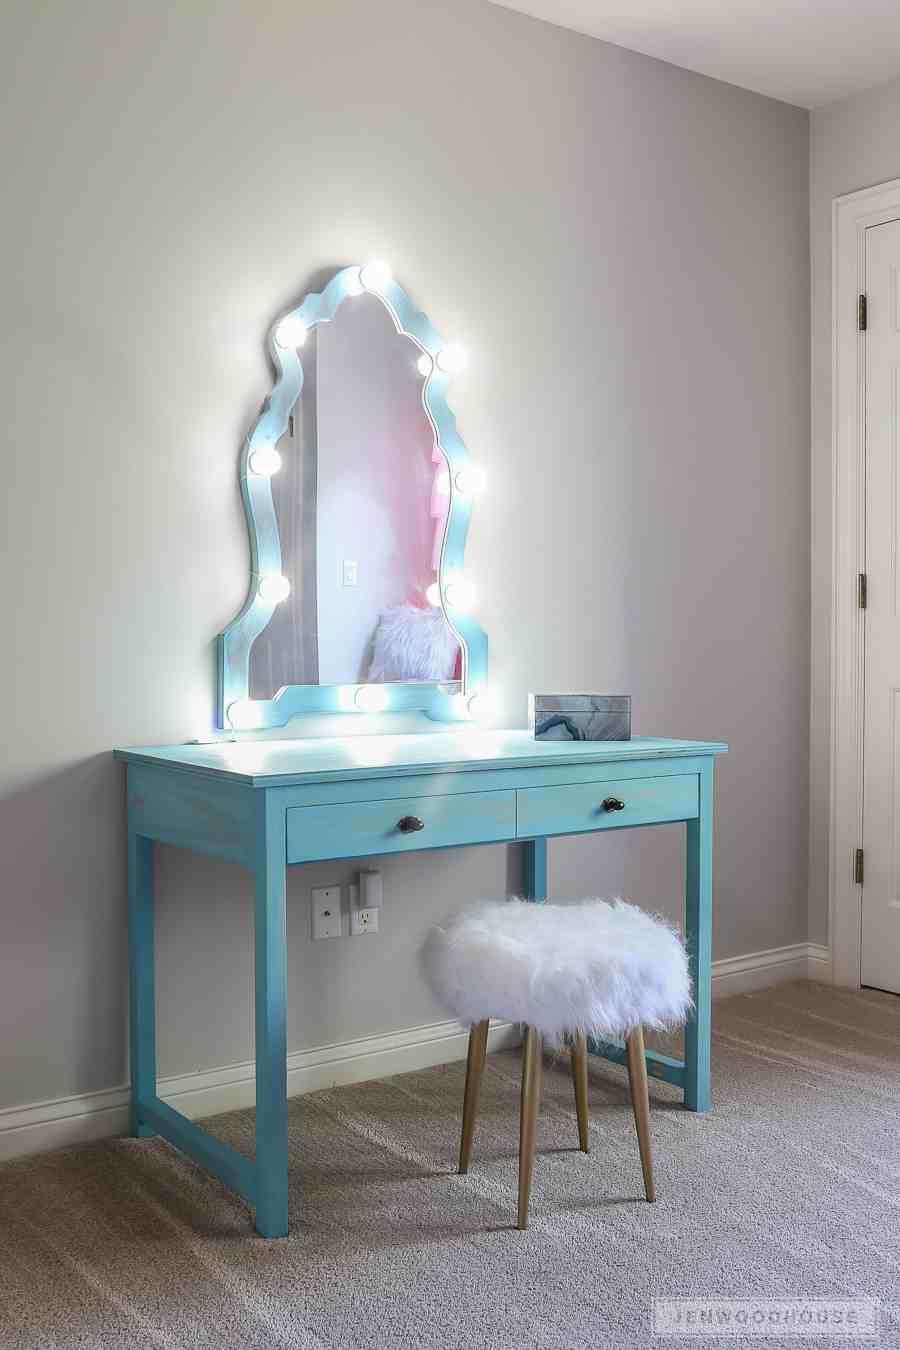 6. How to Build a DIY Makeup Vanity